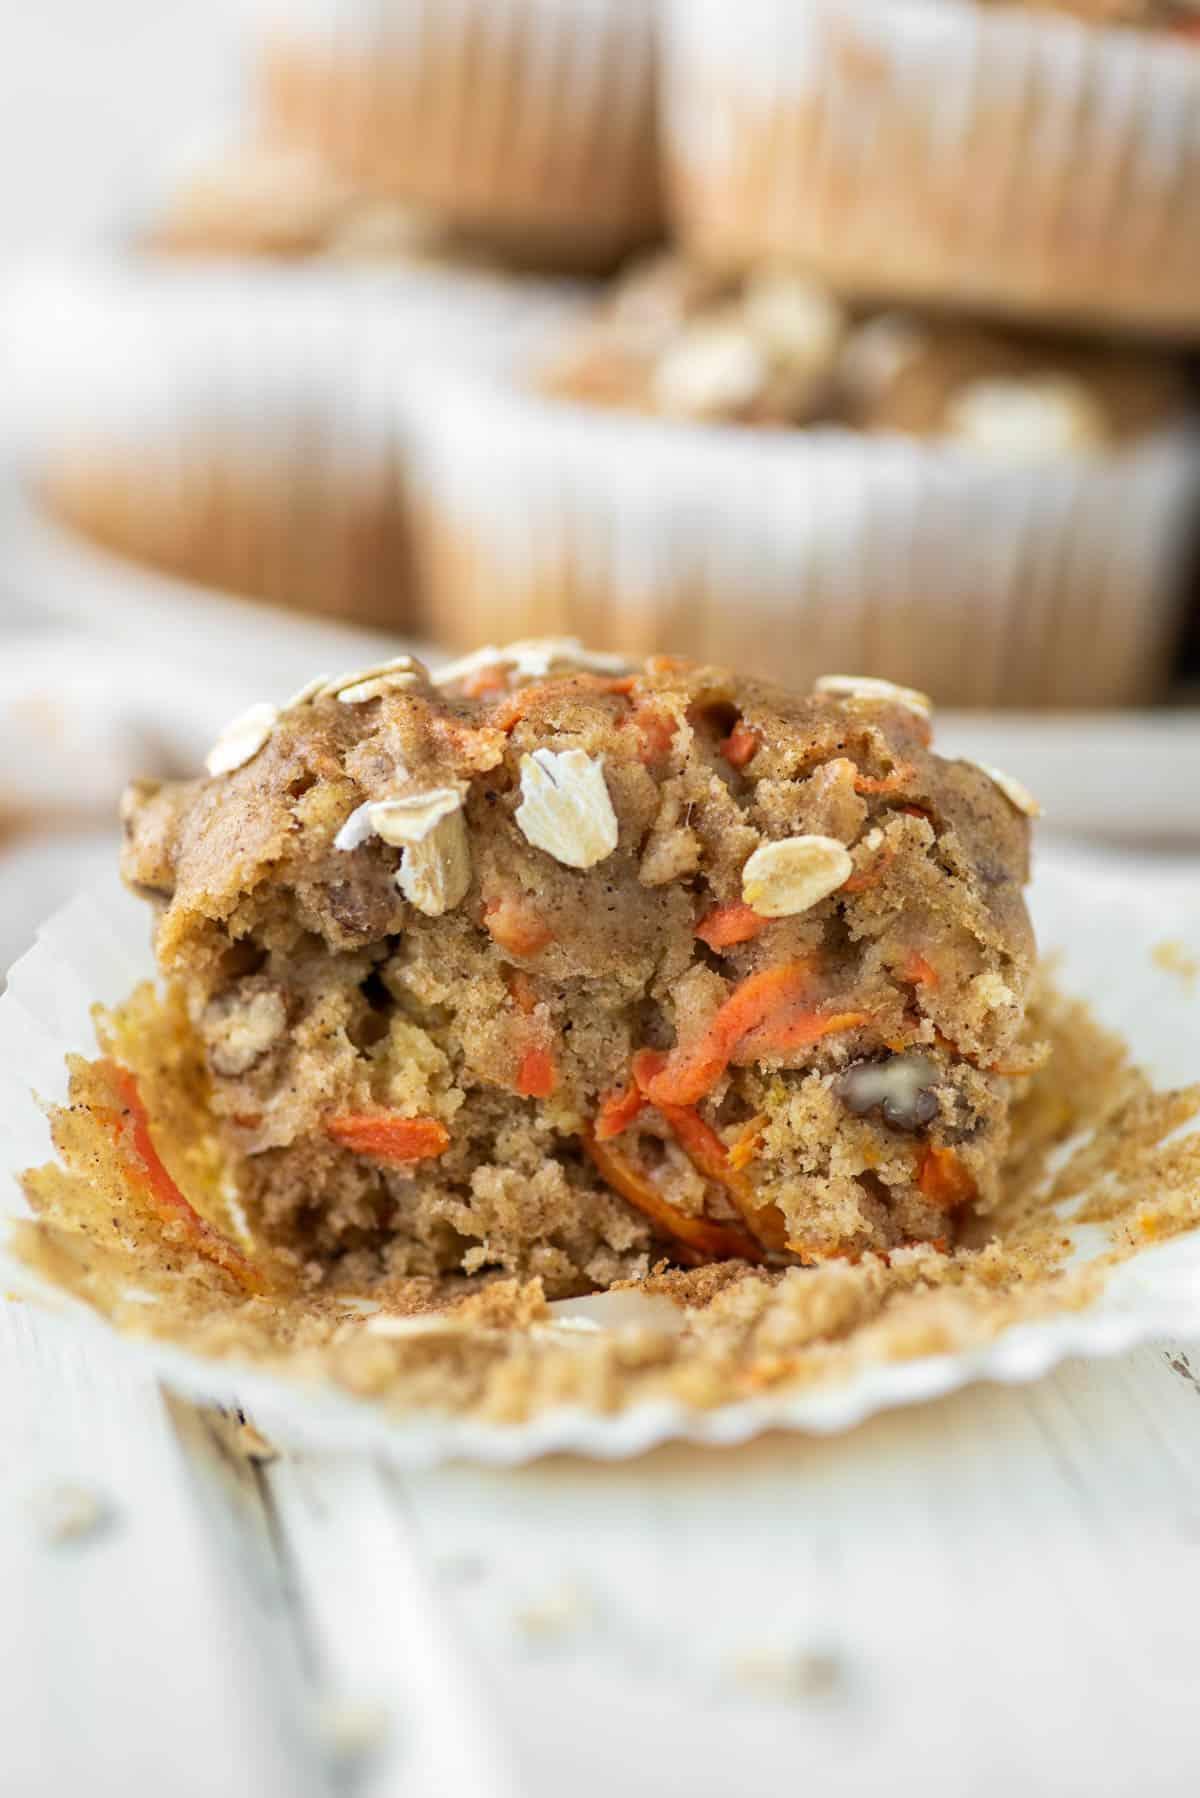 banana carrot muffin cut in half on muffin wrap